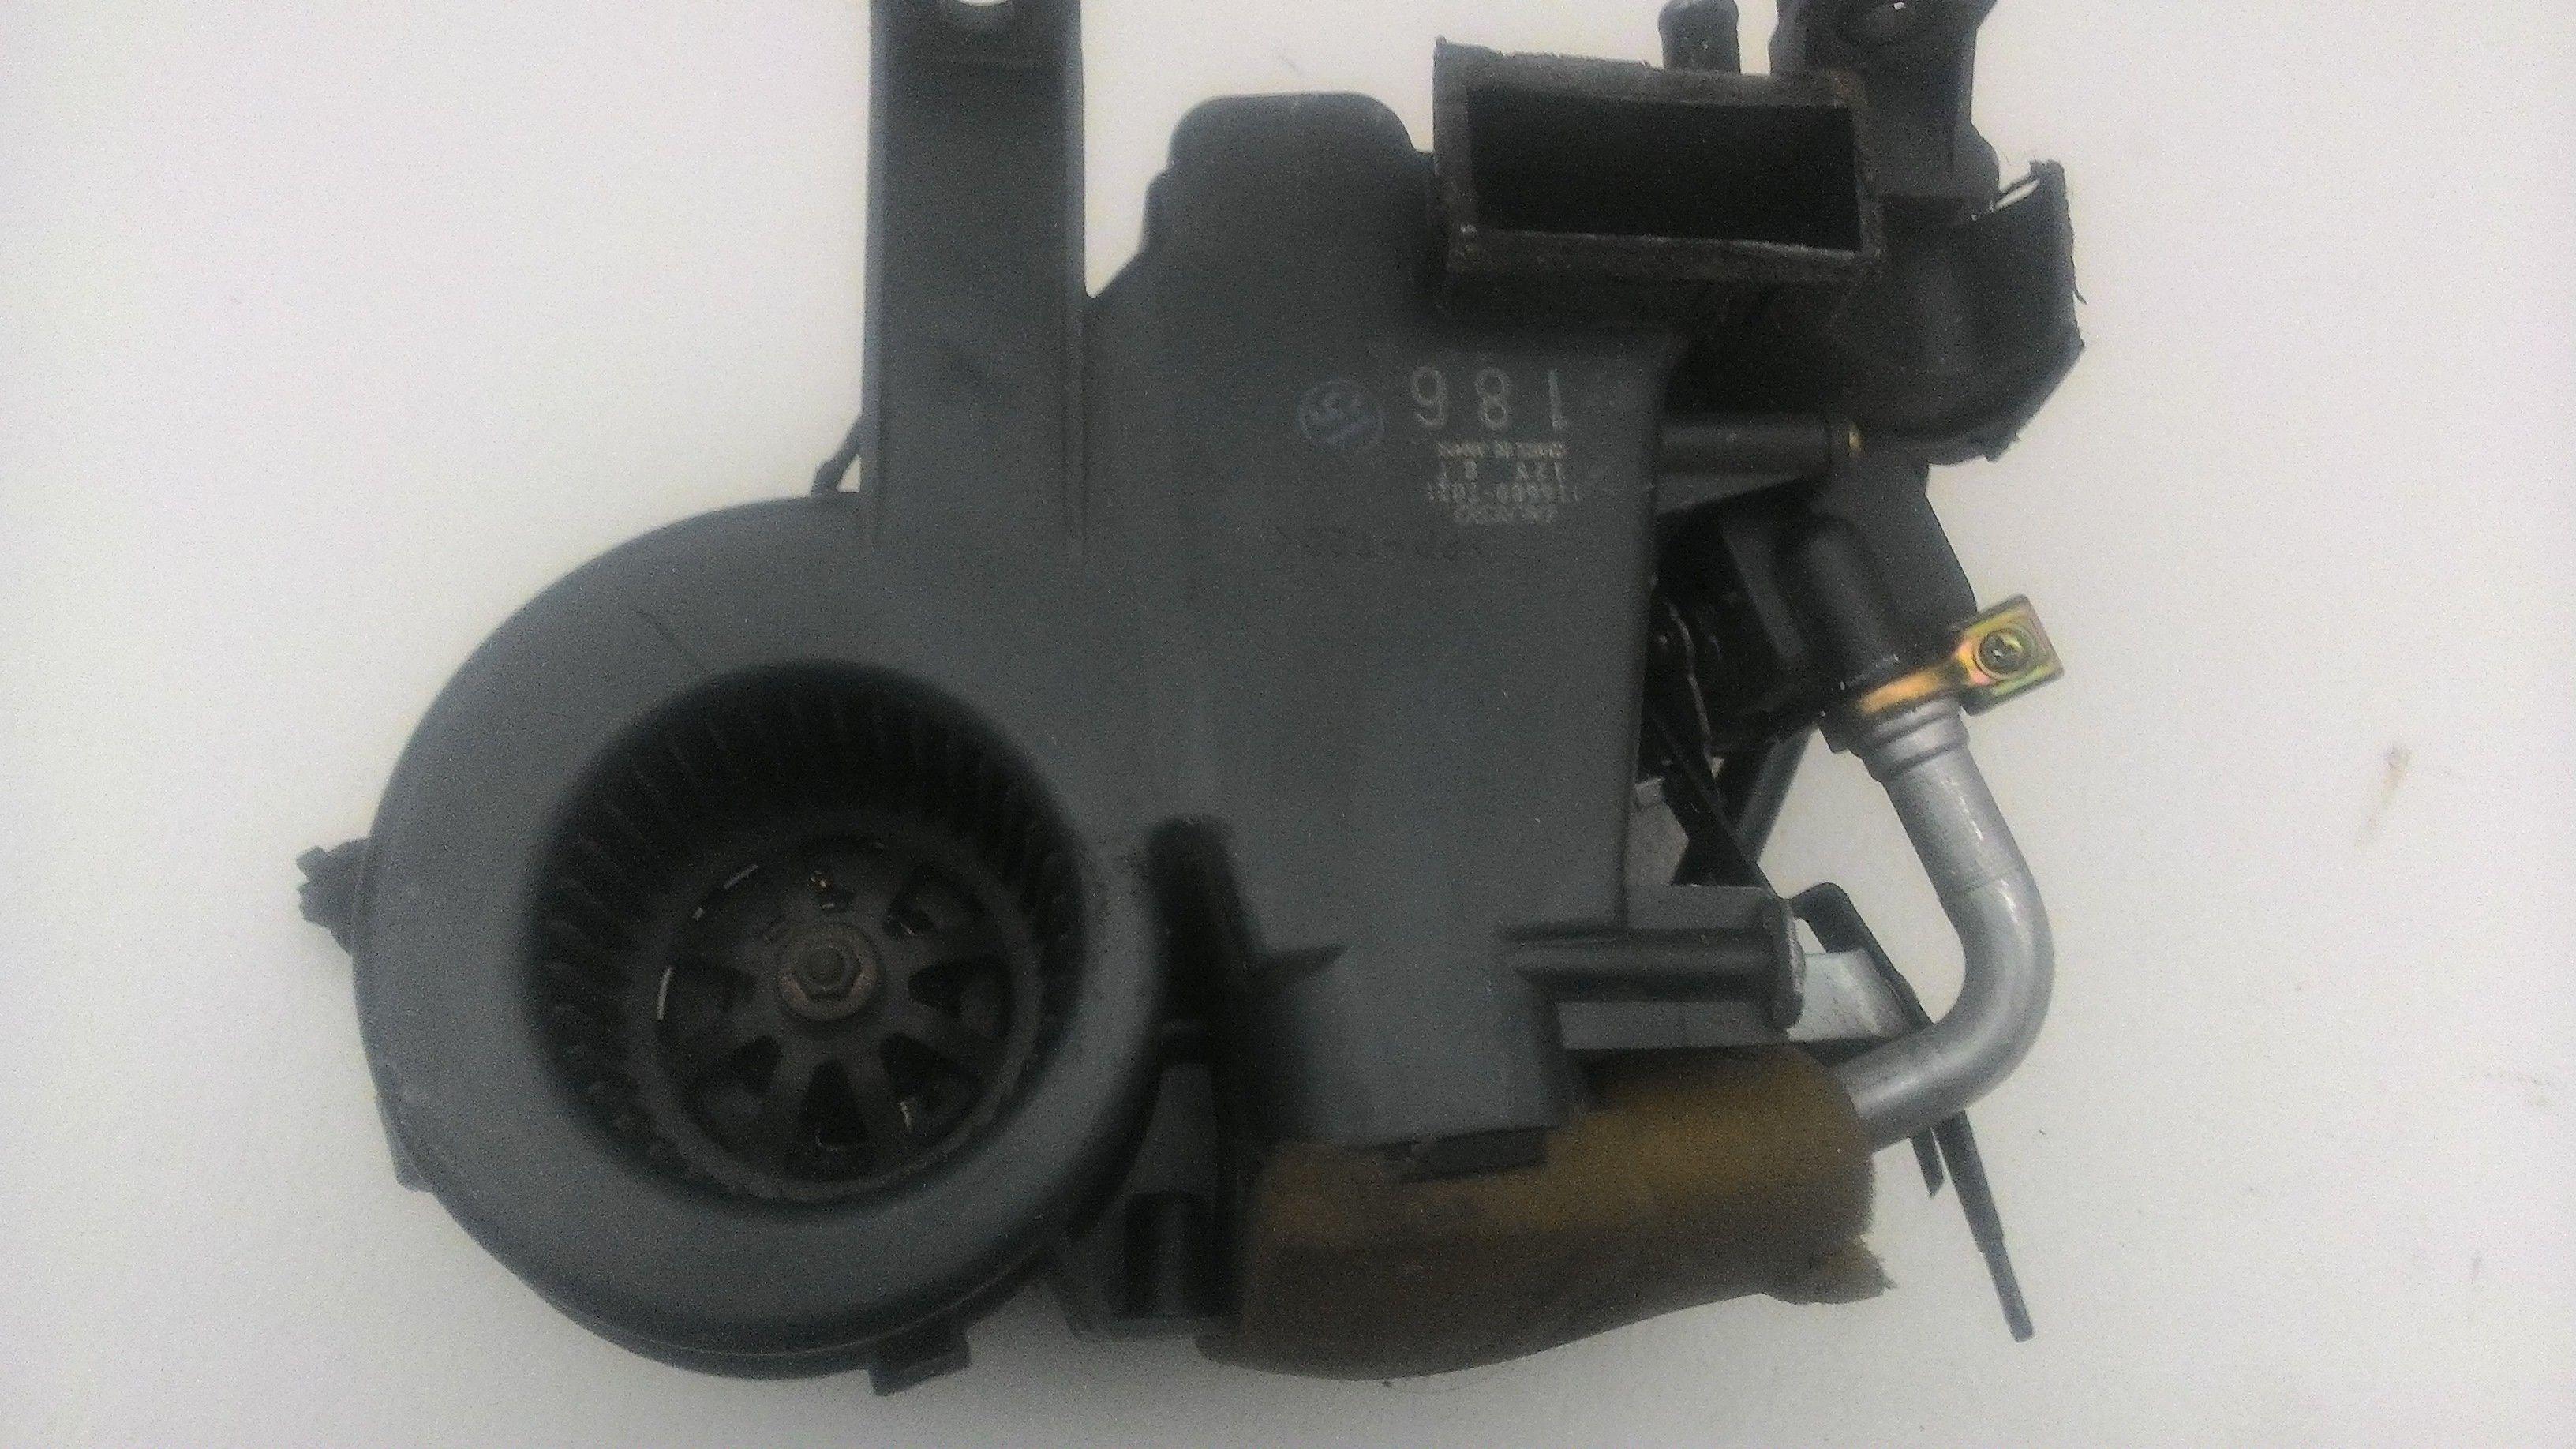 VENTOLA RISCALDAMENTO MITSUBISHI Pajero Sport Diesel  (2001) RICAMBI USATI